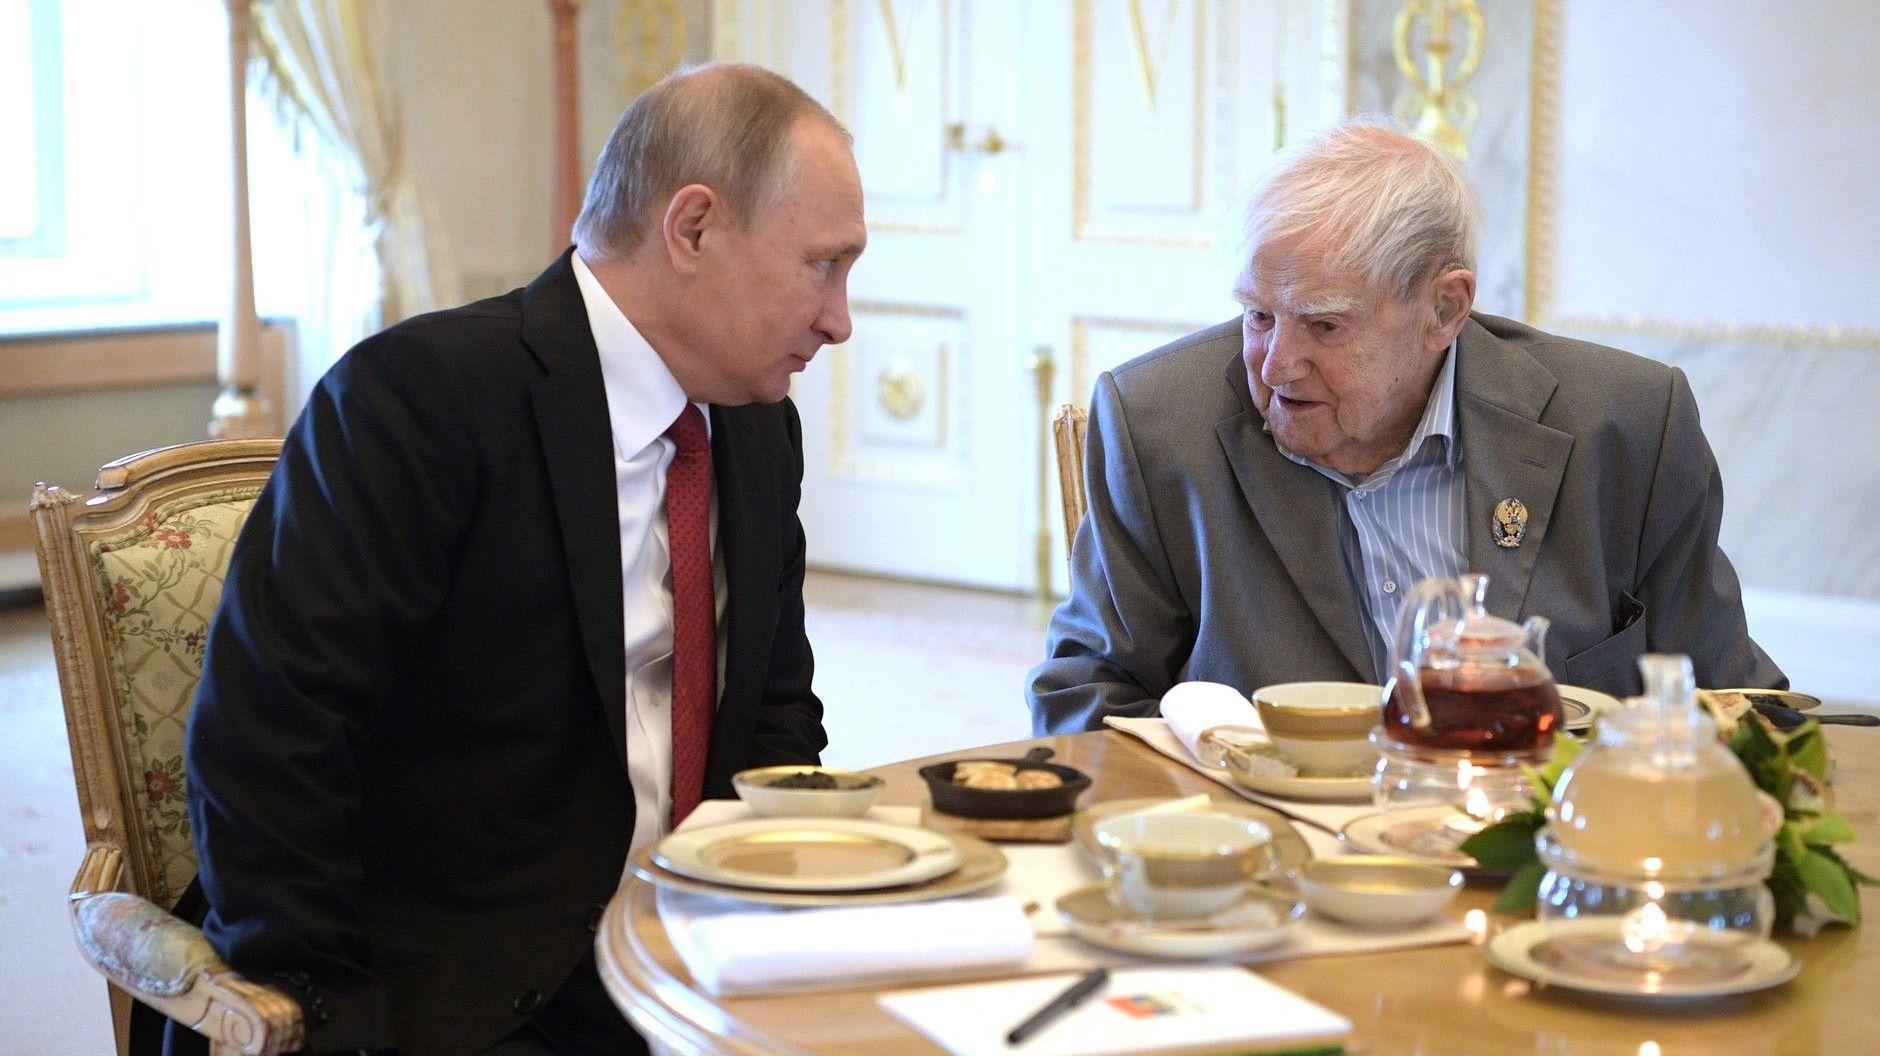 Путин подписал указ опраздновании в 2019г  100-летнего юбилея Гранина